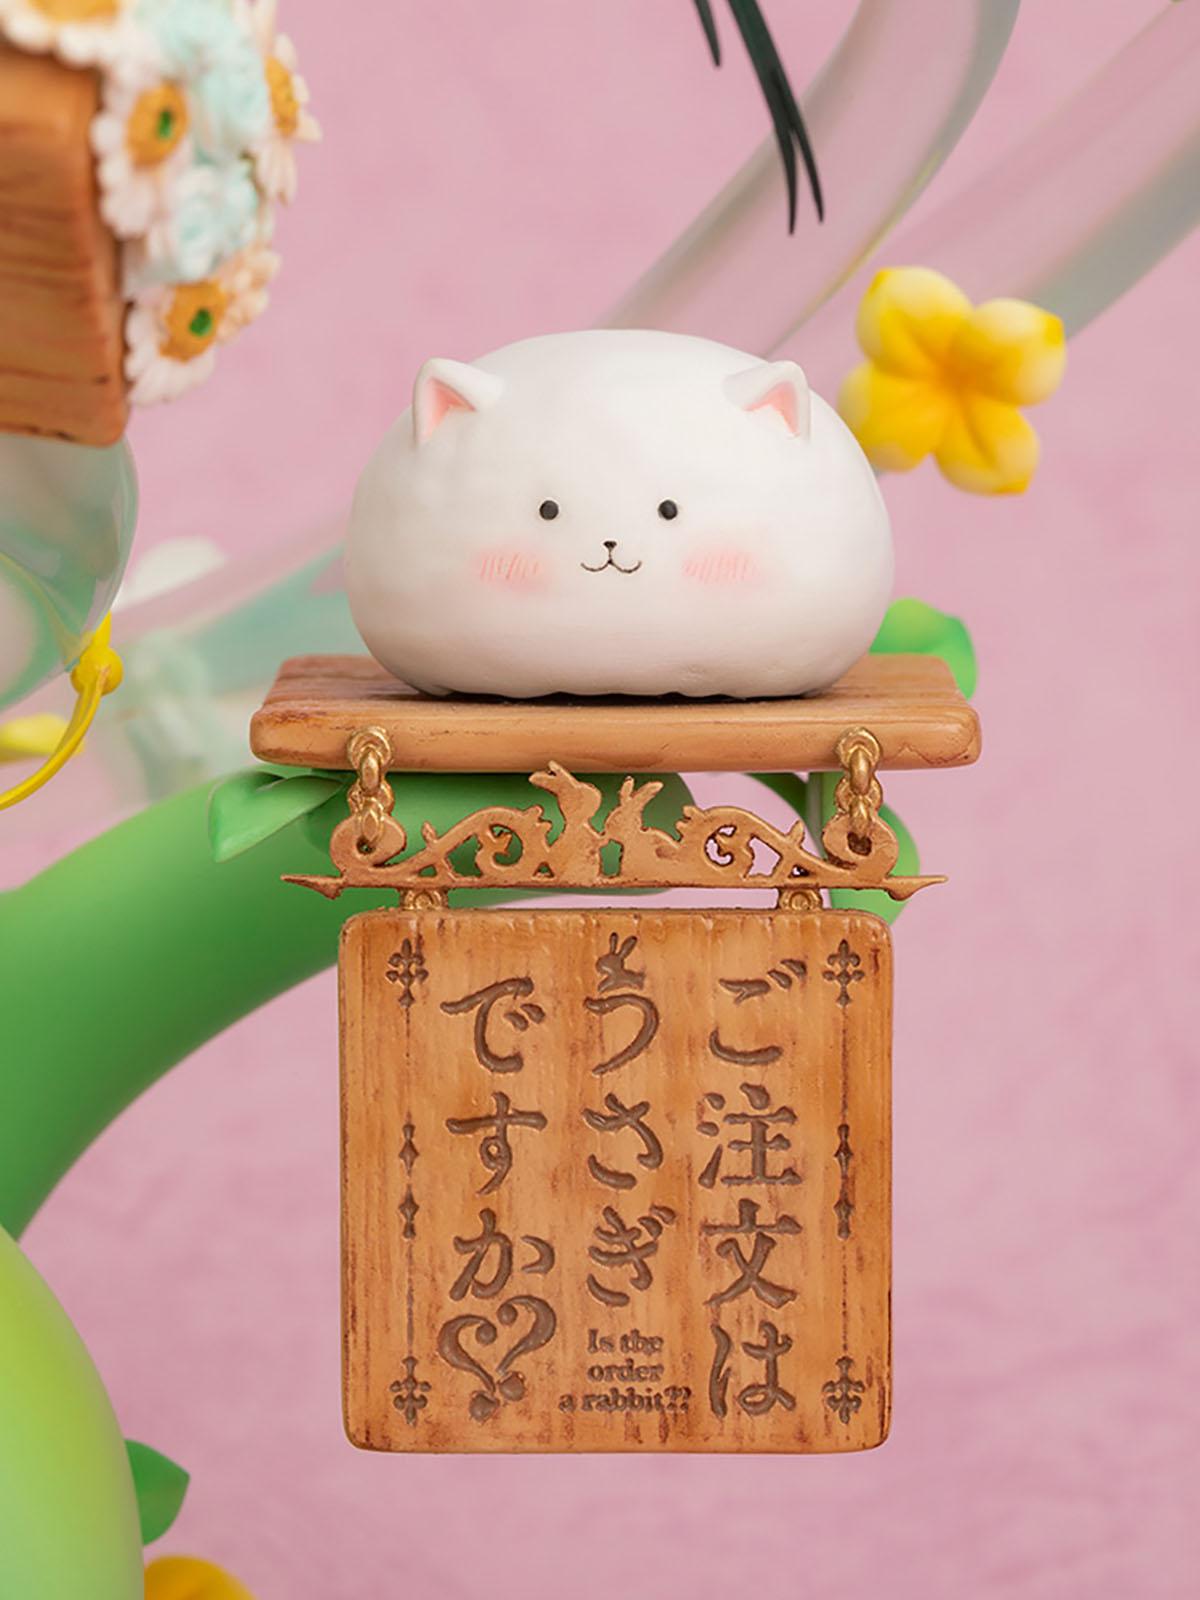 ご注文はうさぎですか??『チノ ~お花のブランコ~』1/7 完成品フィギュア-007